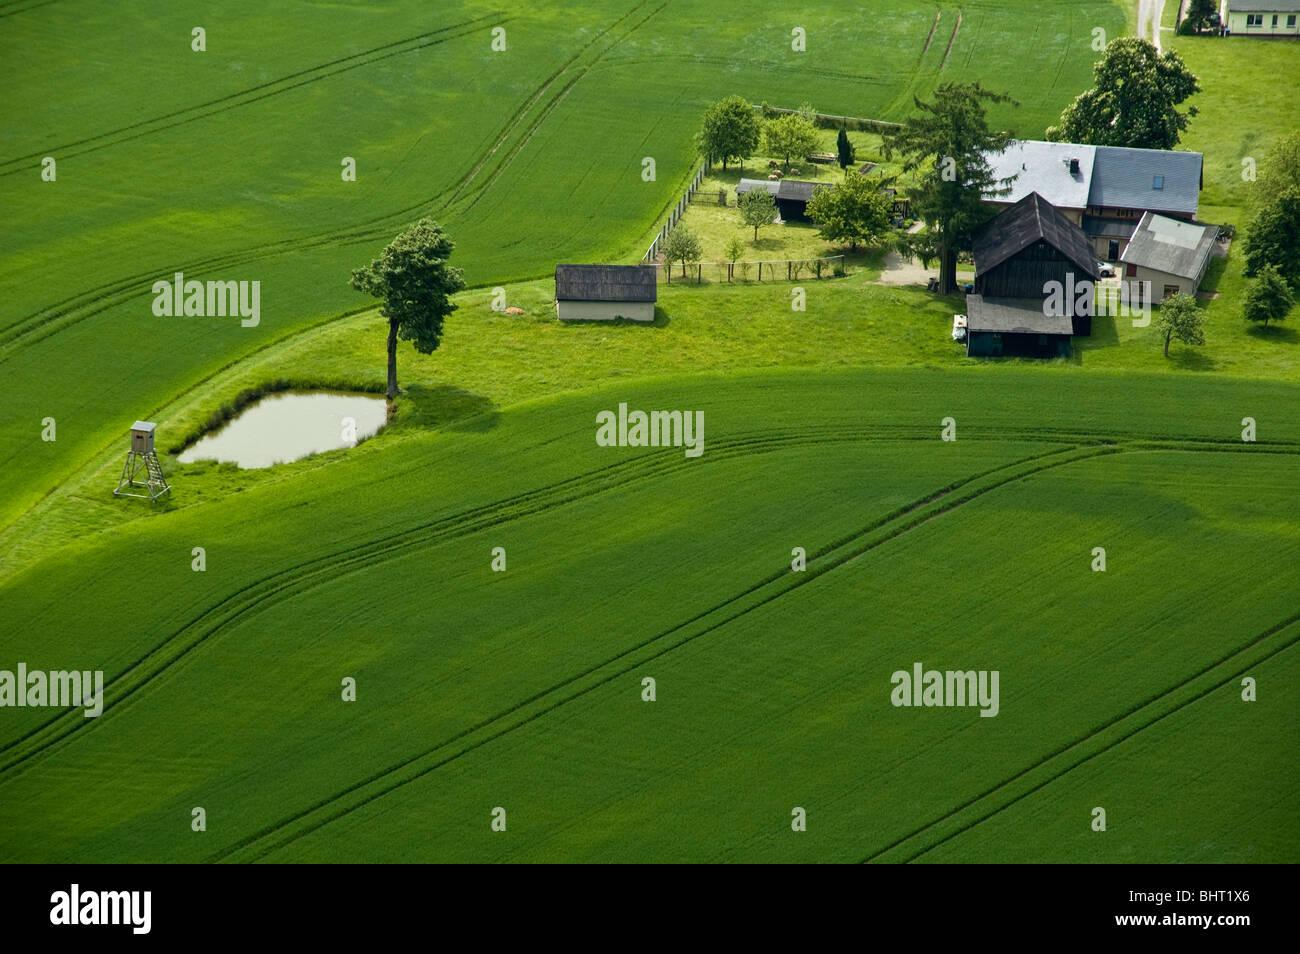 sehen Sie sich auf Bauernhof in grünen Feldern, Sachsen, Deutschland Stockbild